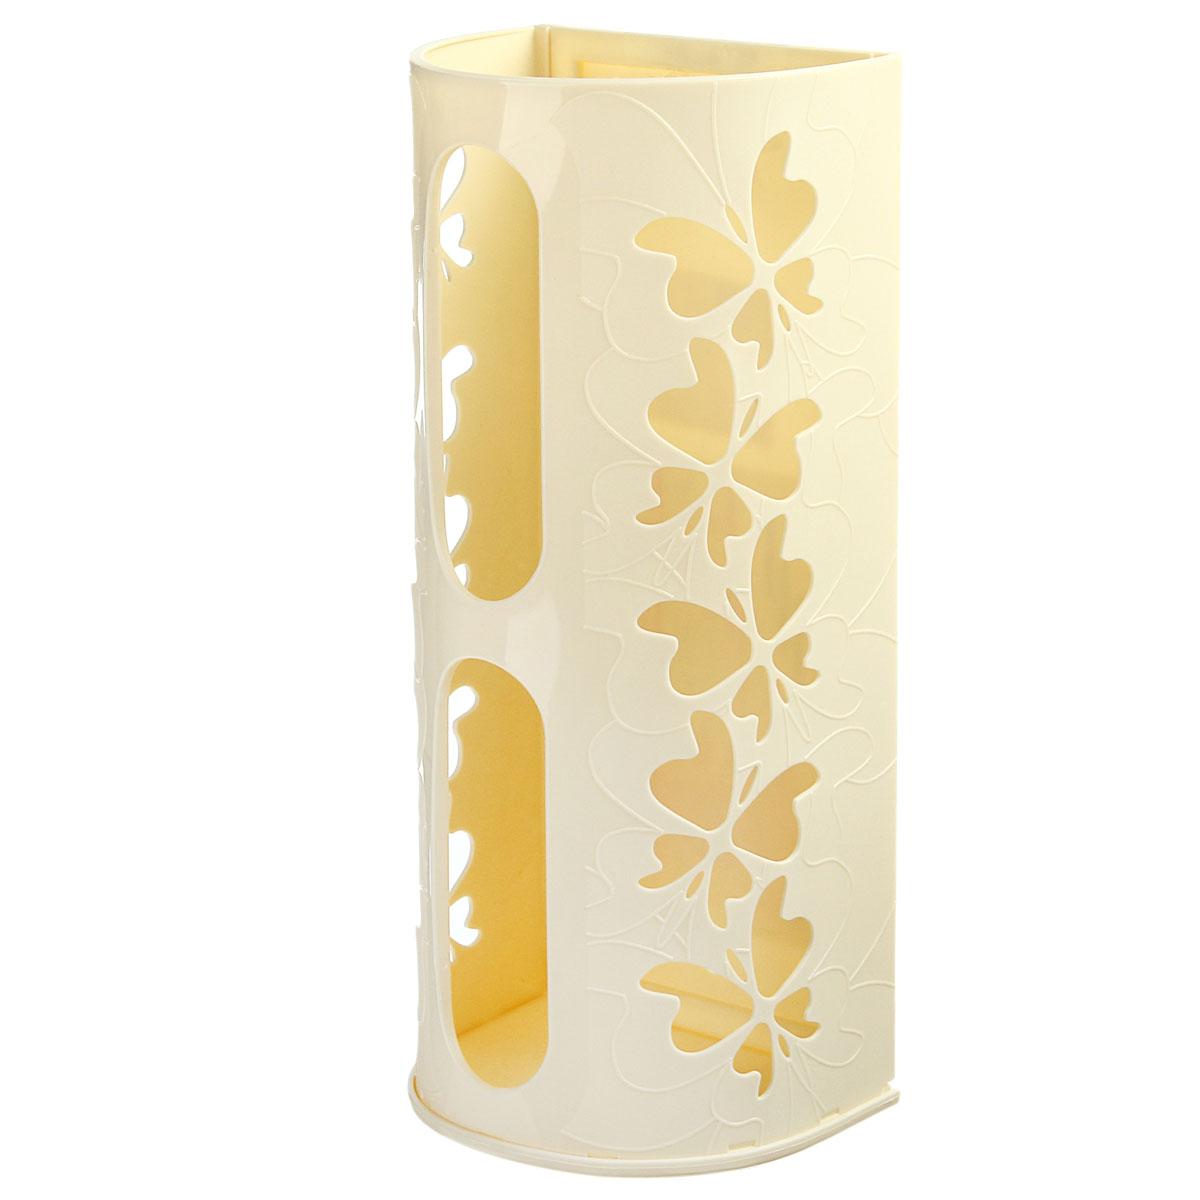 Корзина для пакетов Berossi Fly, цвет: слоновая кость868662Корзина для пакетов Berossi Fly, изготовлена из высококачественного пластика. Эта практичная корзина наведет порядок в кладовке или кухонном шкафу и позволит хранить пластиковые пакеты или хозяйственные сумочки во всегда доступном месте! Изделие декорировано резным изображением бабочек. Корзина просто подвешивается на дверь шкафчика изнутри или снаружи, в зависимости от назначения. Корзина для пакетов Berossi Fly будет замечательным подарком для поддержания чистоты и порядка. Она сэкономит место, гармонично впишется в интерьер и будет радовать вас уникальным дизайном.